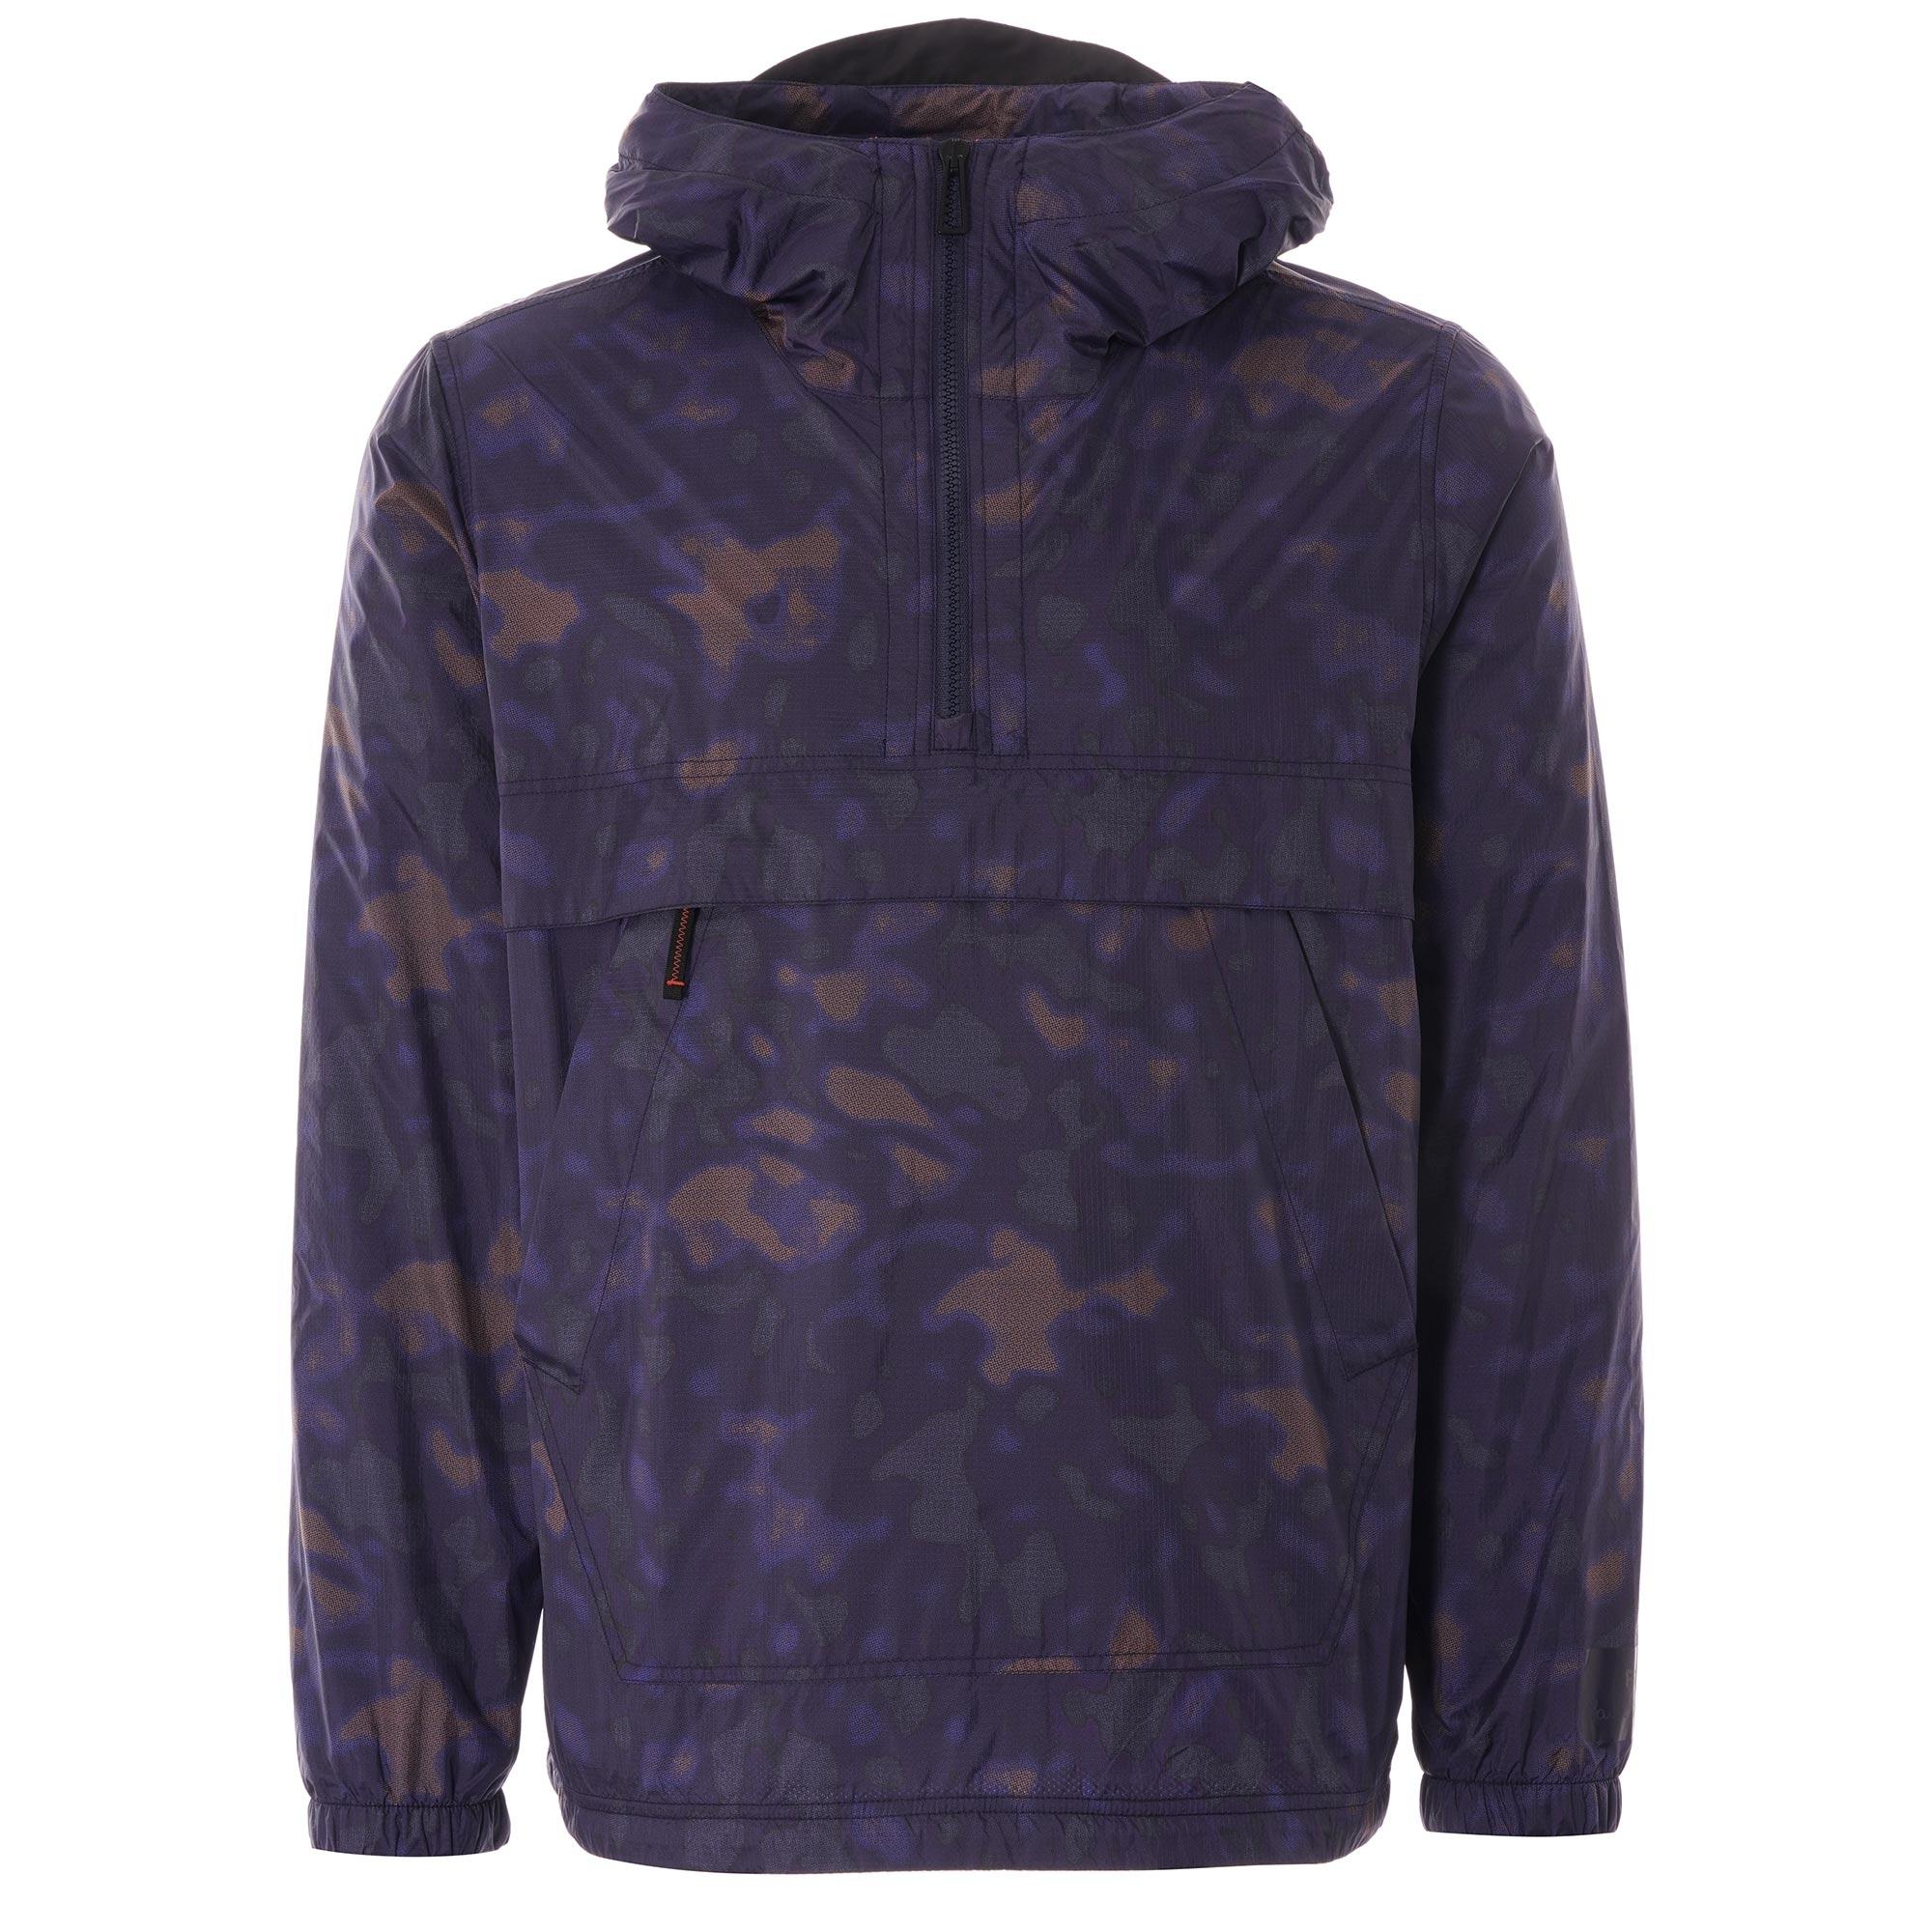 Paul Smith Rain Jacket